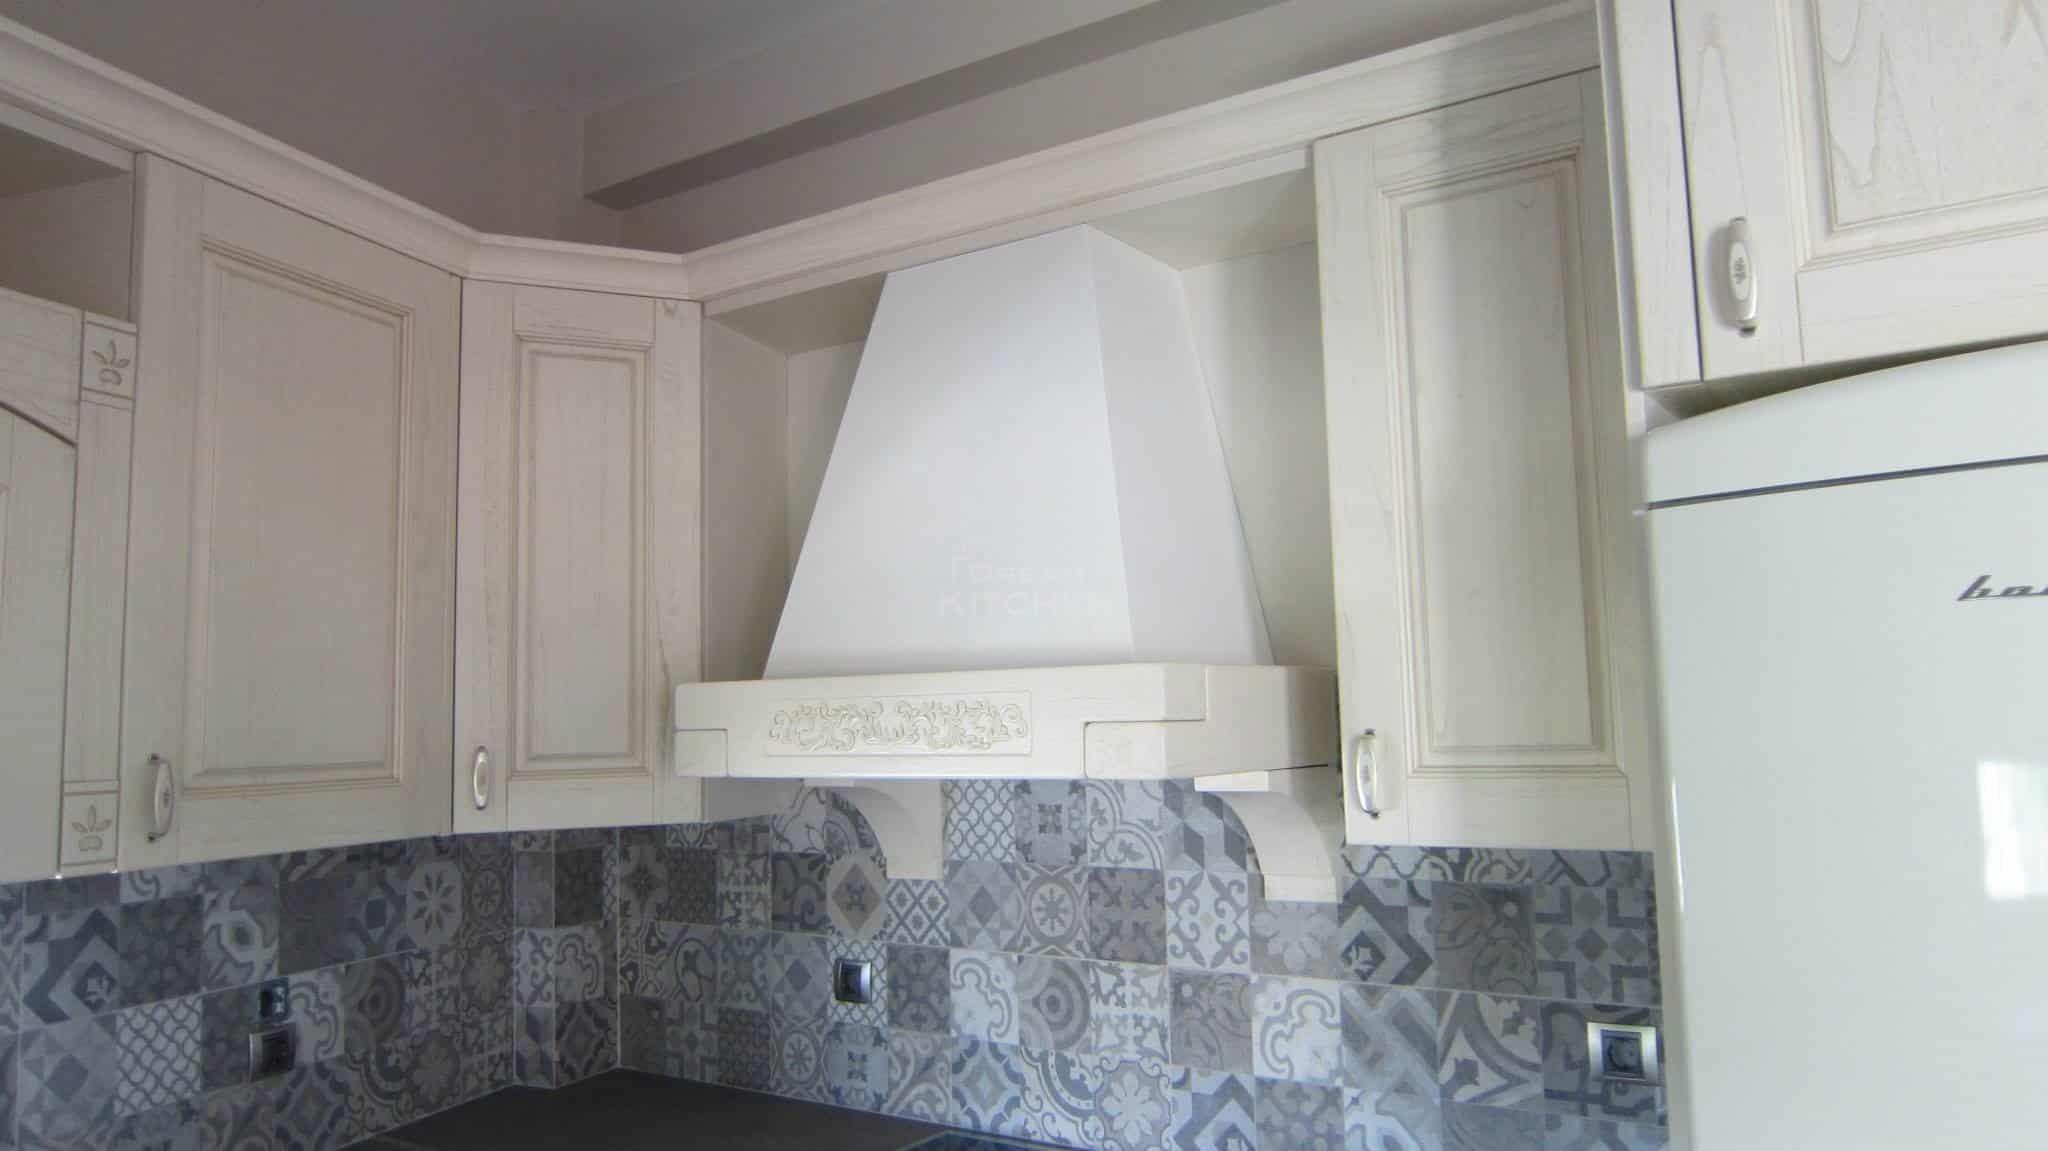 Πλήρης επίπλωση κατοικίας κουζινα μασιφ 54